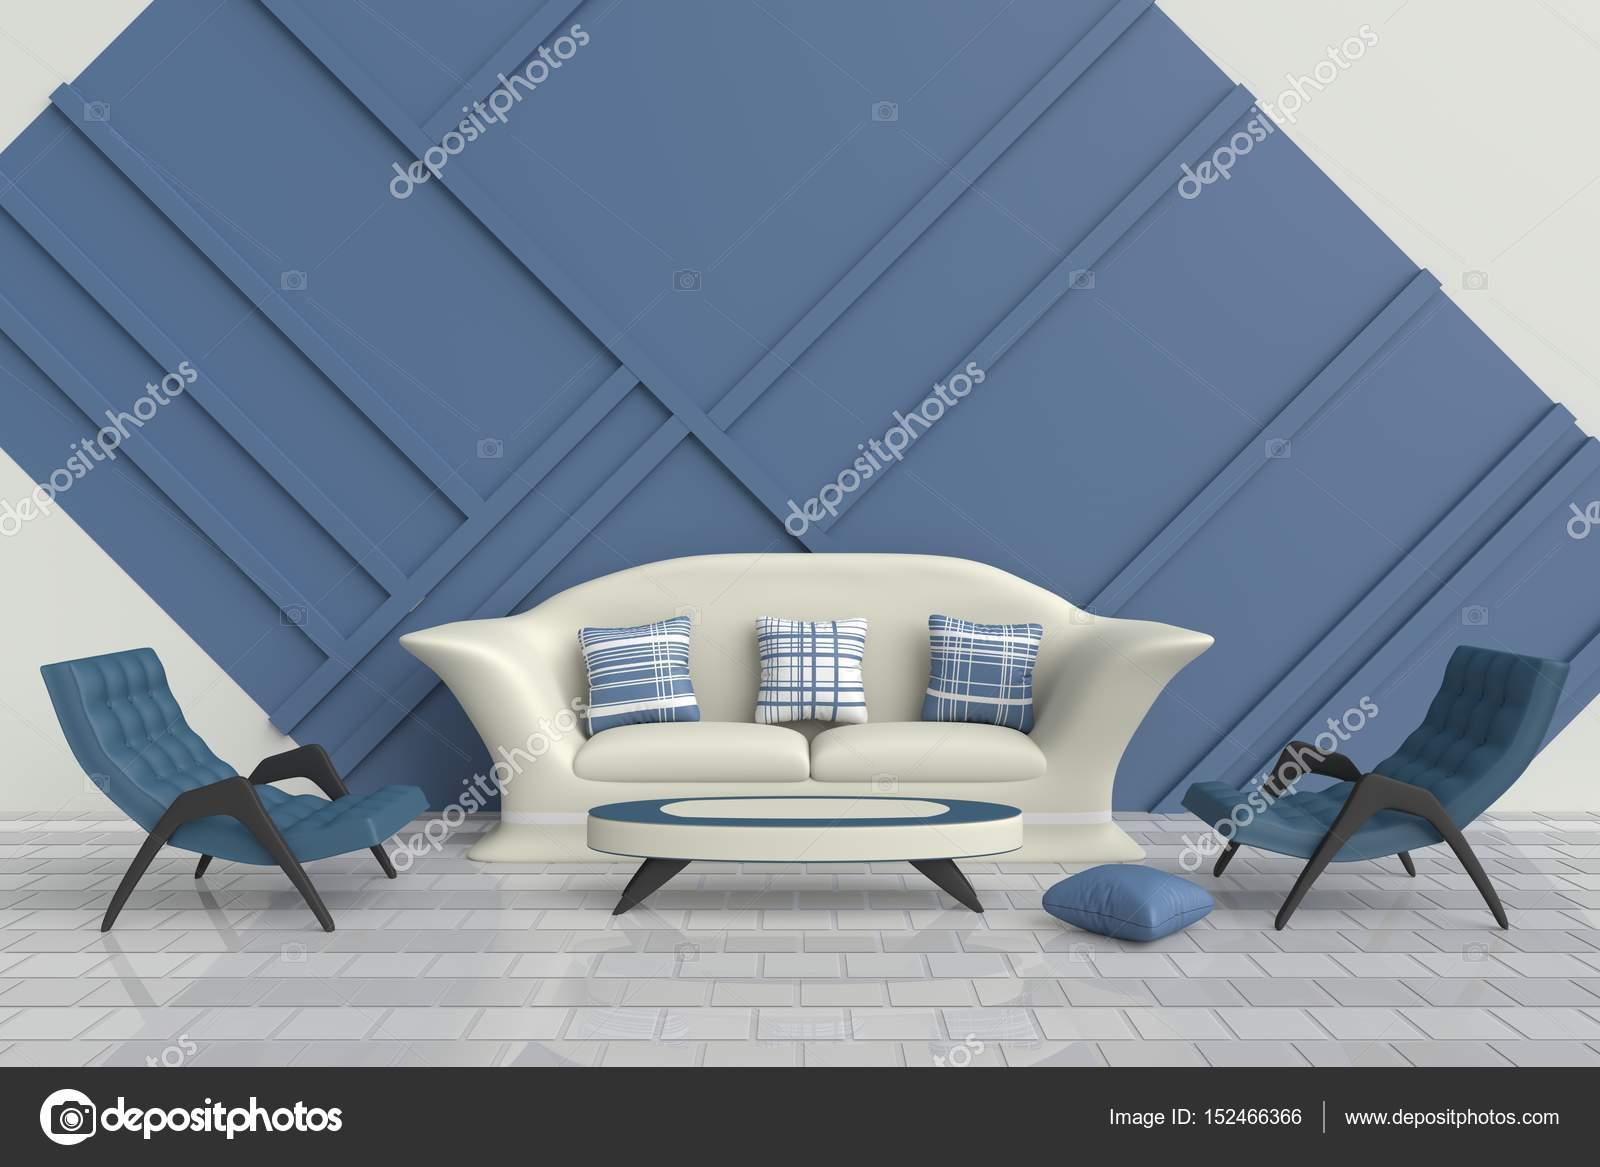 Blaue Und Weiße Wohnzimmer Sind Mit Weißen Boden Gefliest, Grüne Sessel,  Creme Sofa, Blauen Und Weißen Kissen Dekoriert. Dieses Zimmer Für Familien  Oder ...